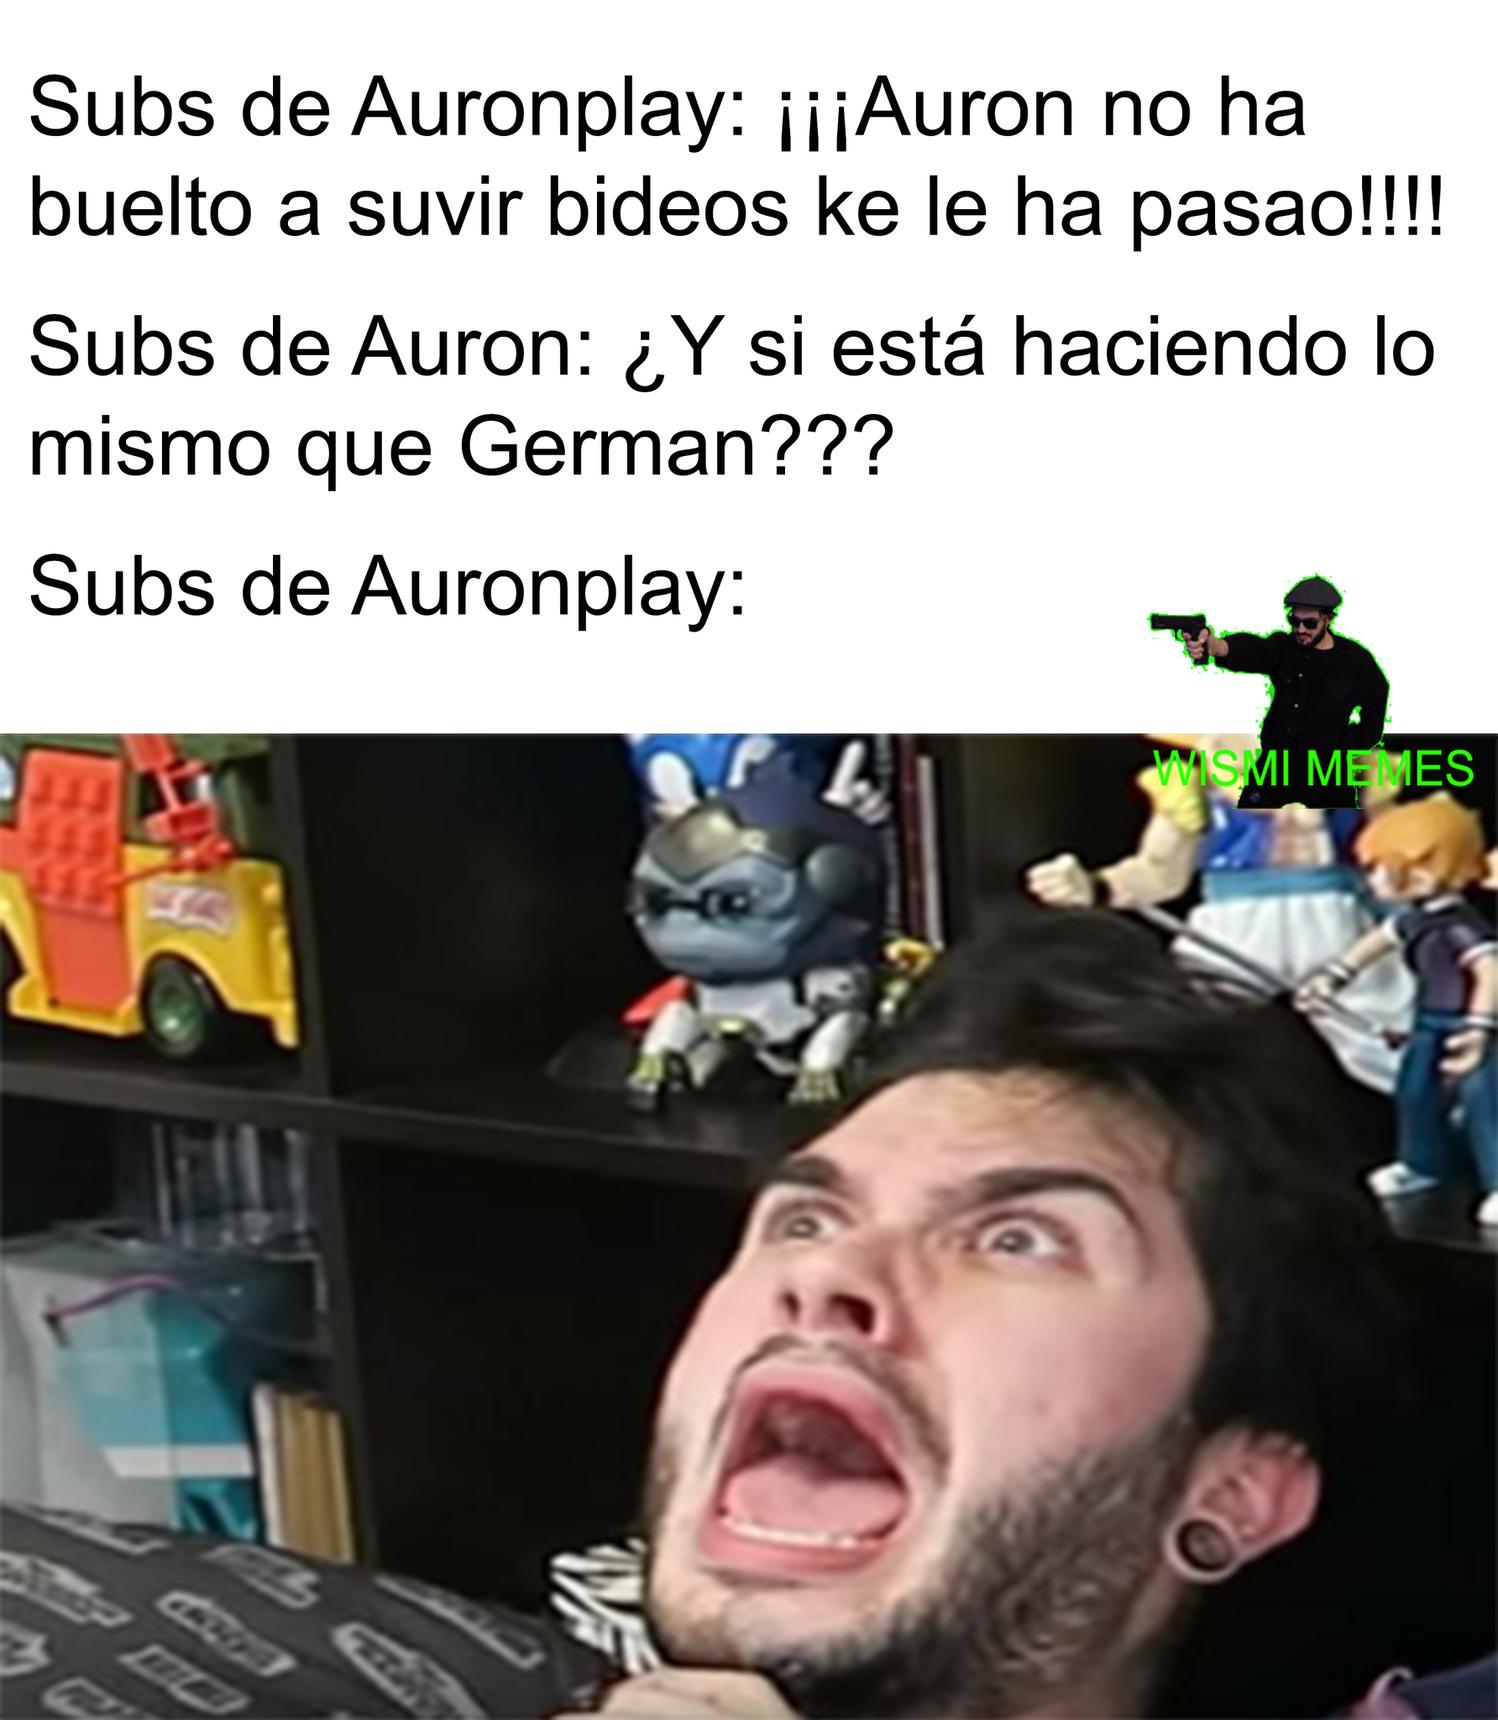 Pa los que no saben Auron es el canal secundario de Auronplay, donde ha tenido actividad seguida últimamente, y es una mierda porque humor no existe ahí - meme